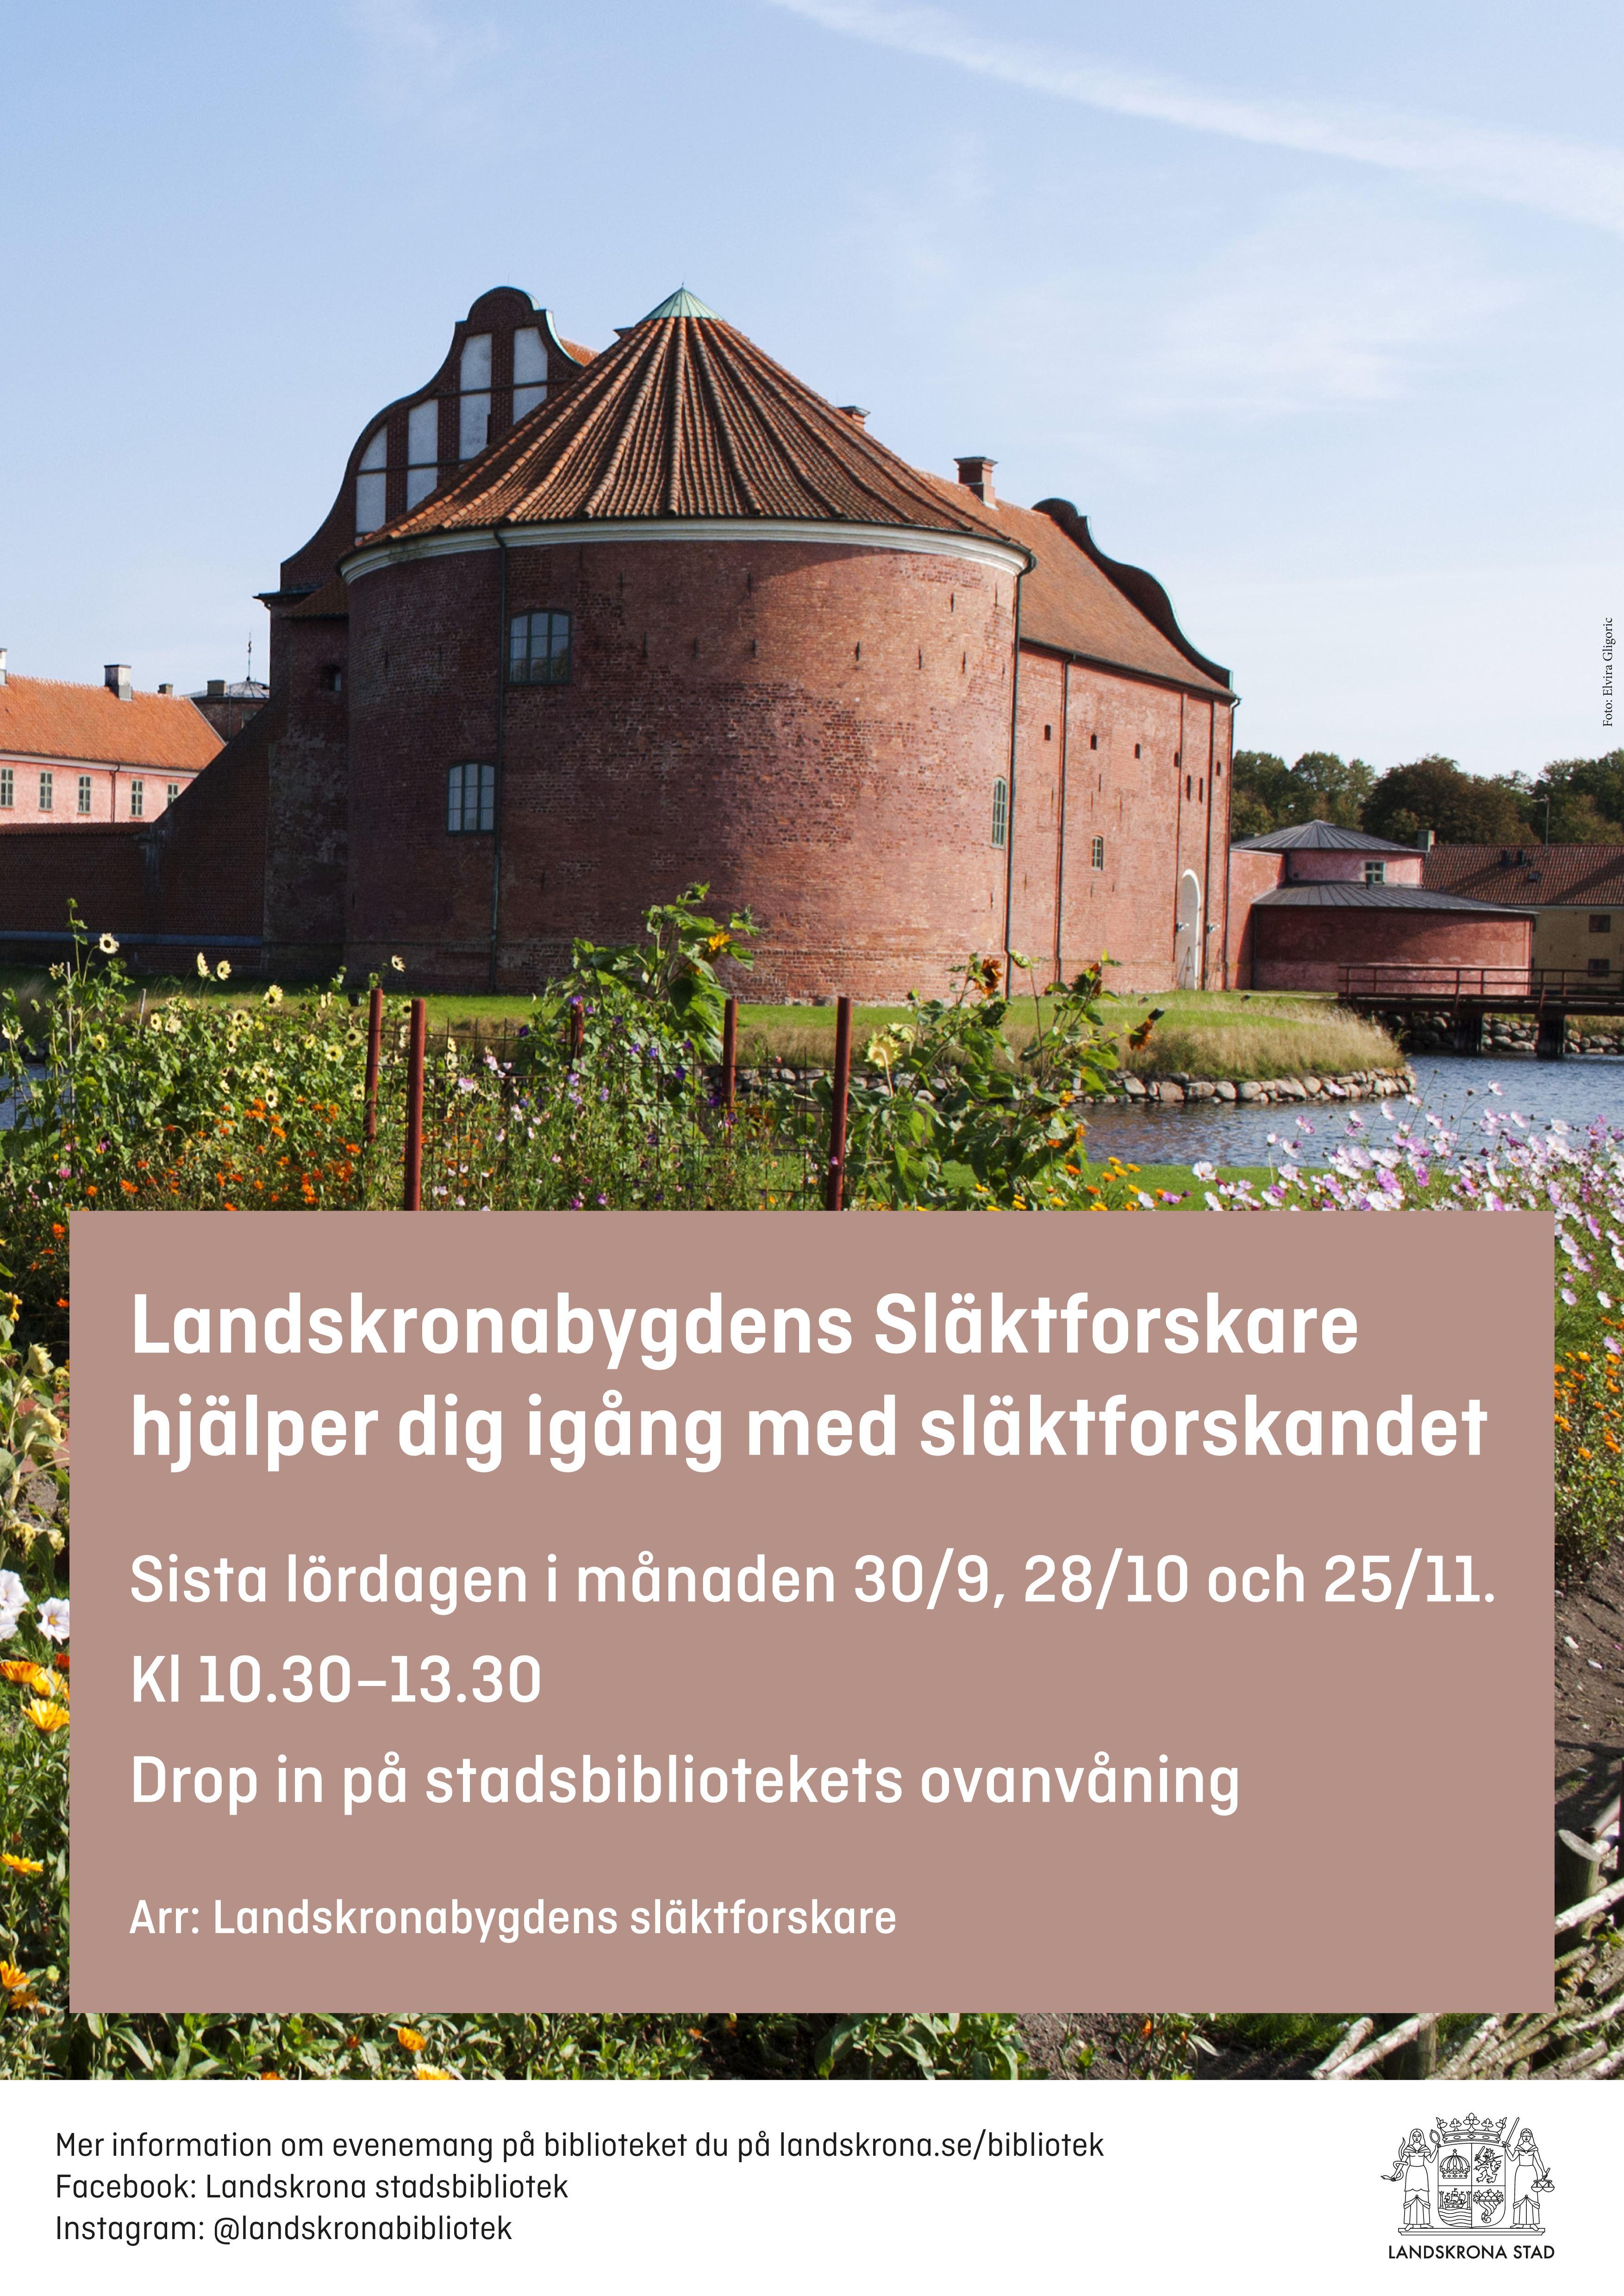 Prova på att släktforska med Landskronabygdens släktforskare